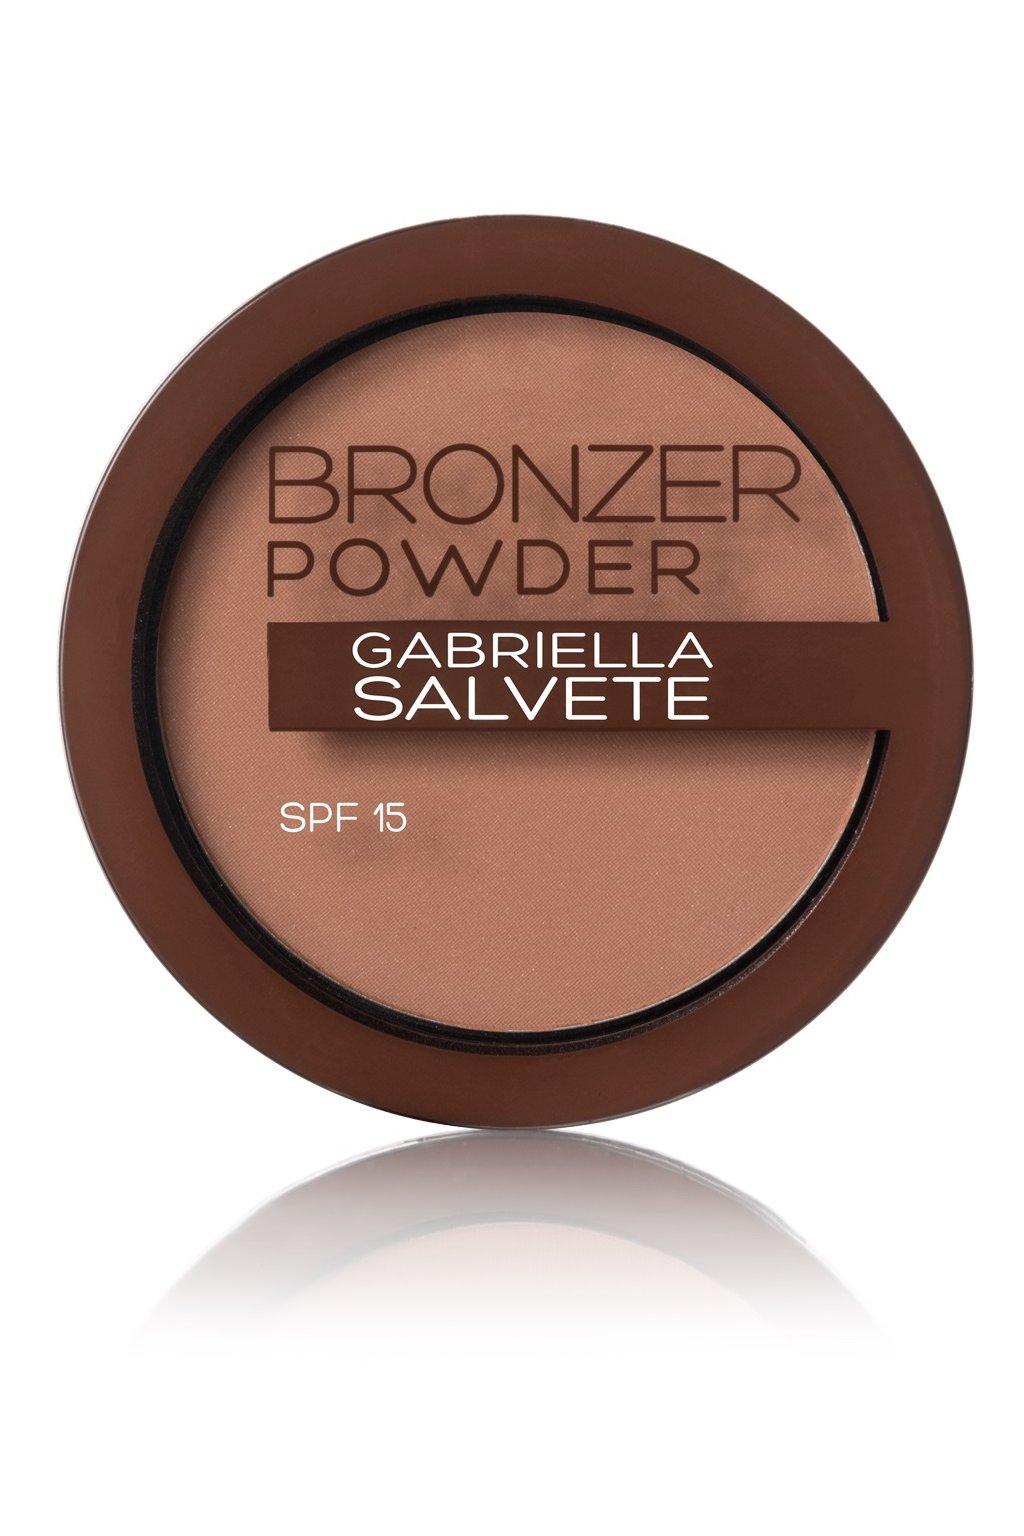 gabriella salvete bronzujici pudr spf 15 bronzer powder 8 g odstin 01